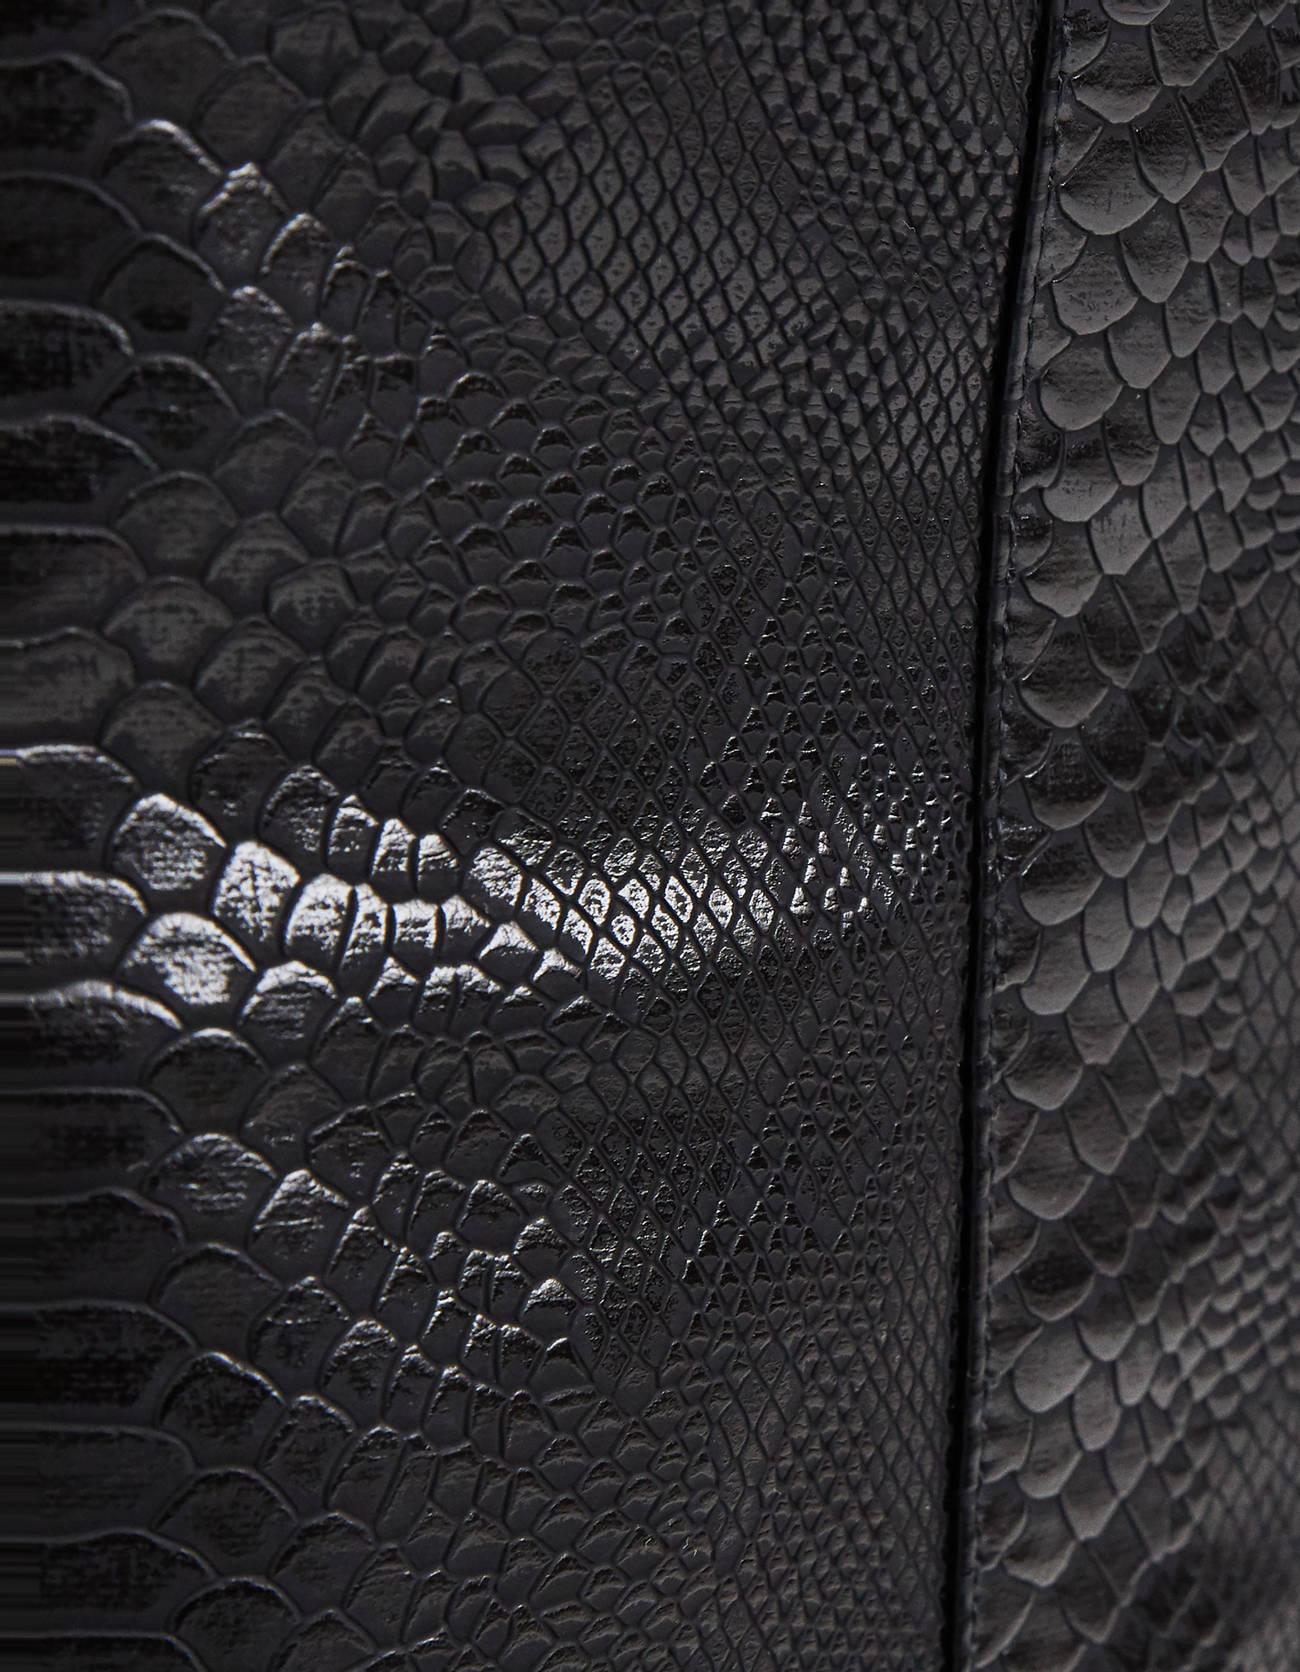 Юбка с тиснением под крокодиловую кожу Черный Bershka